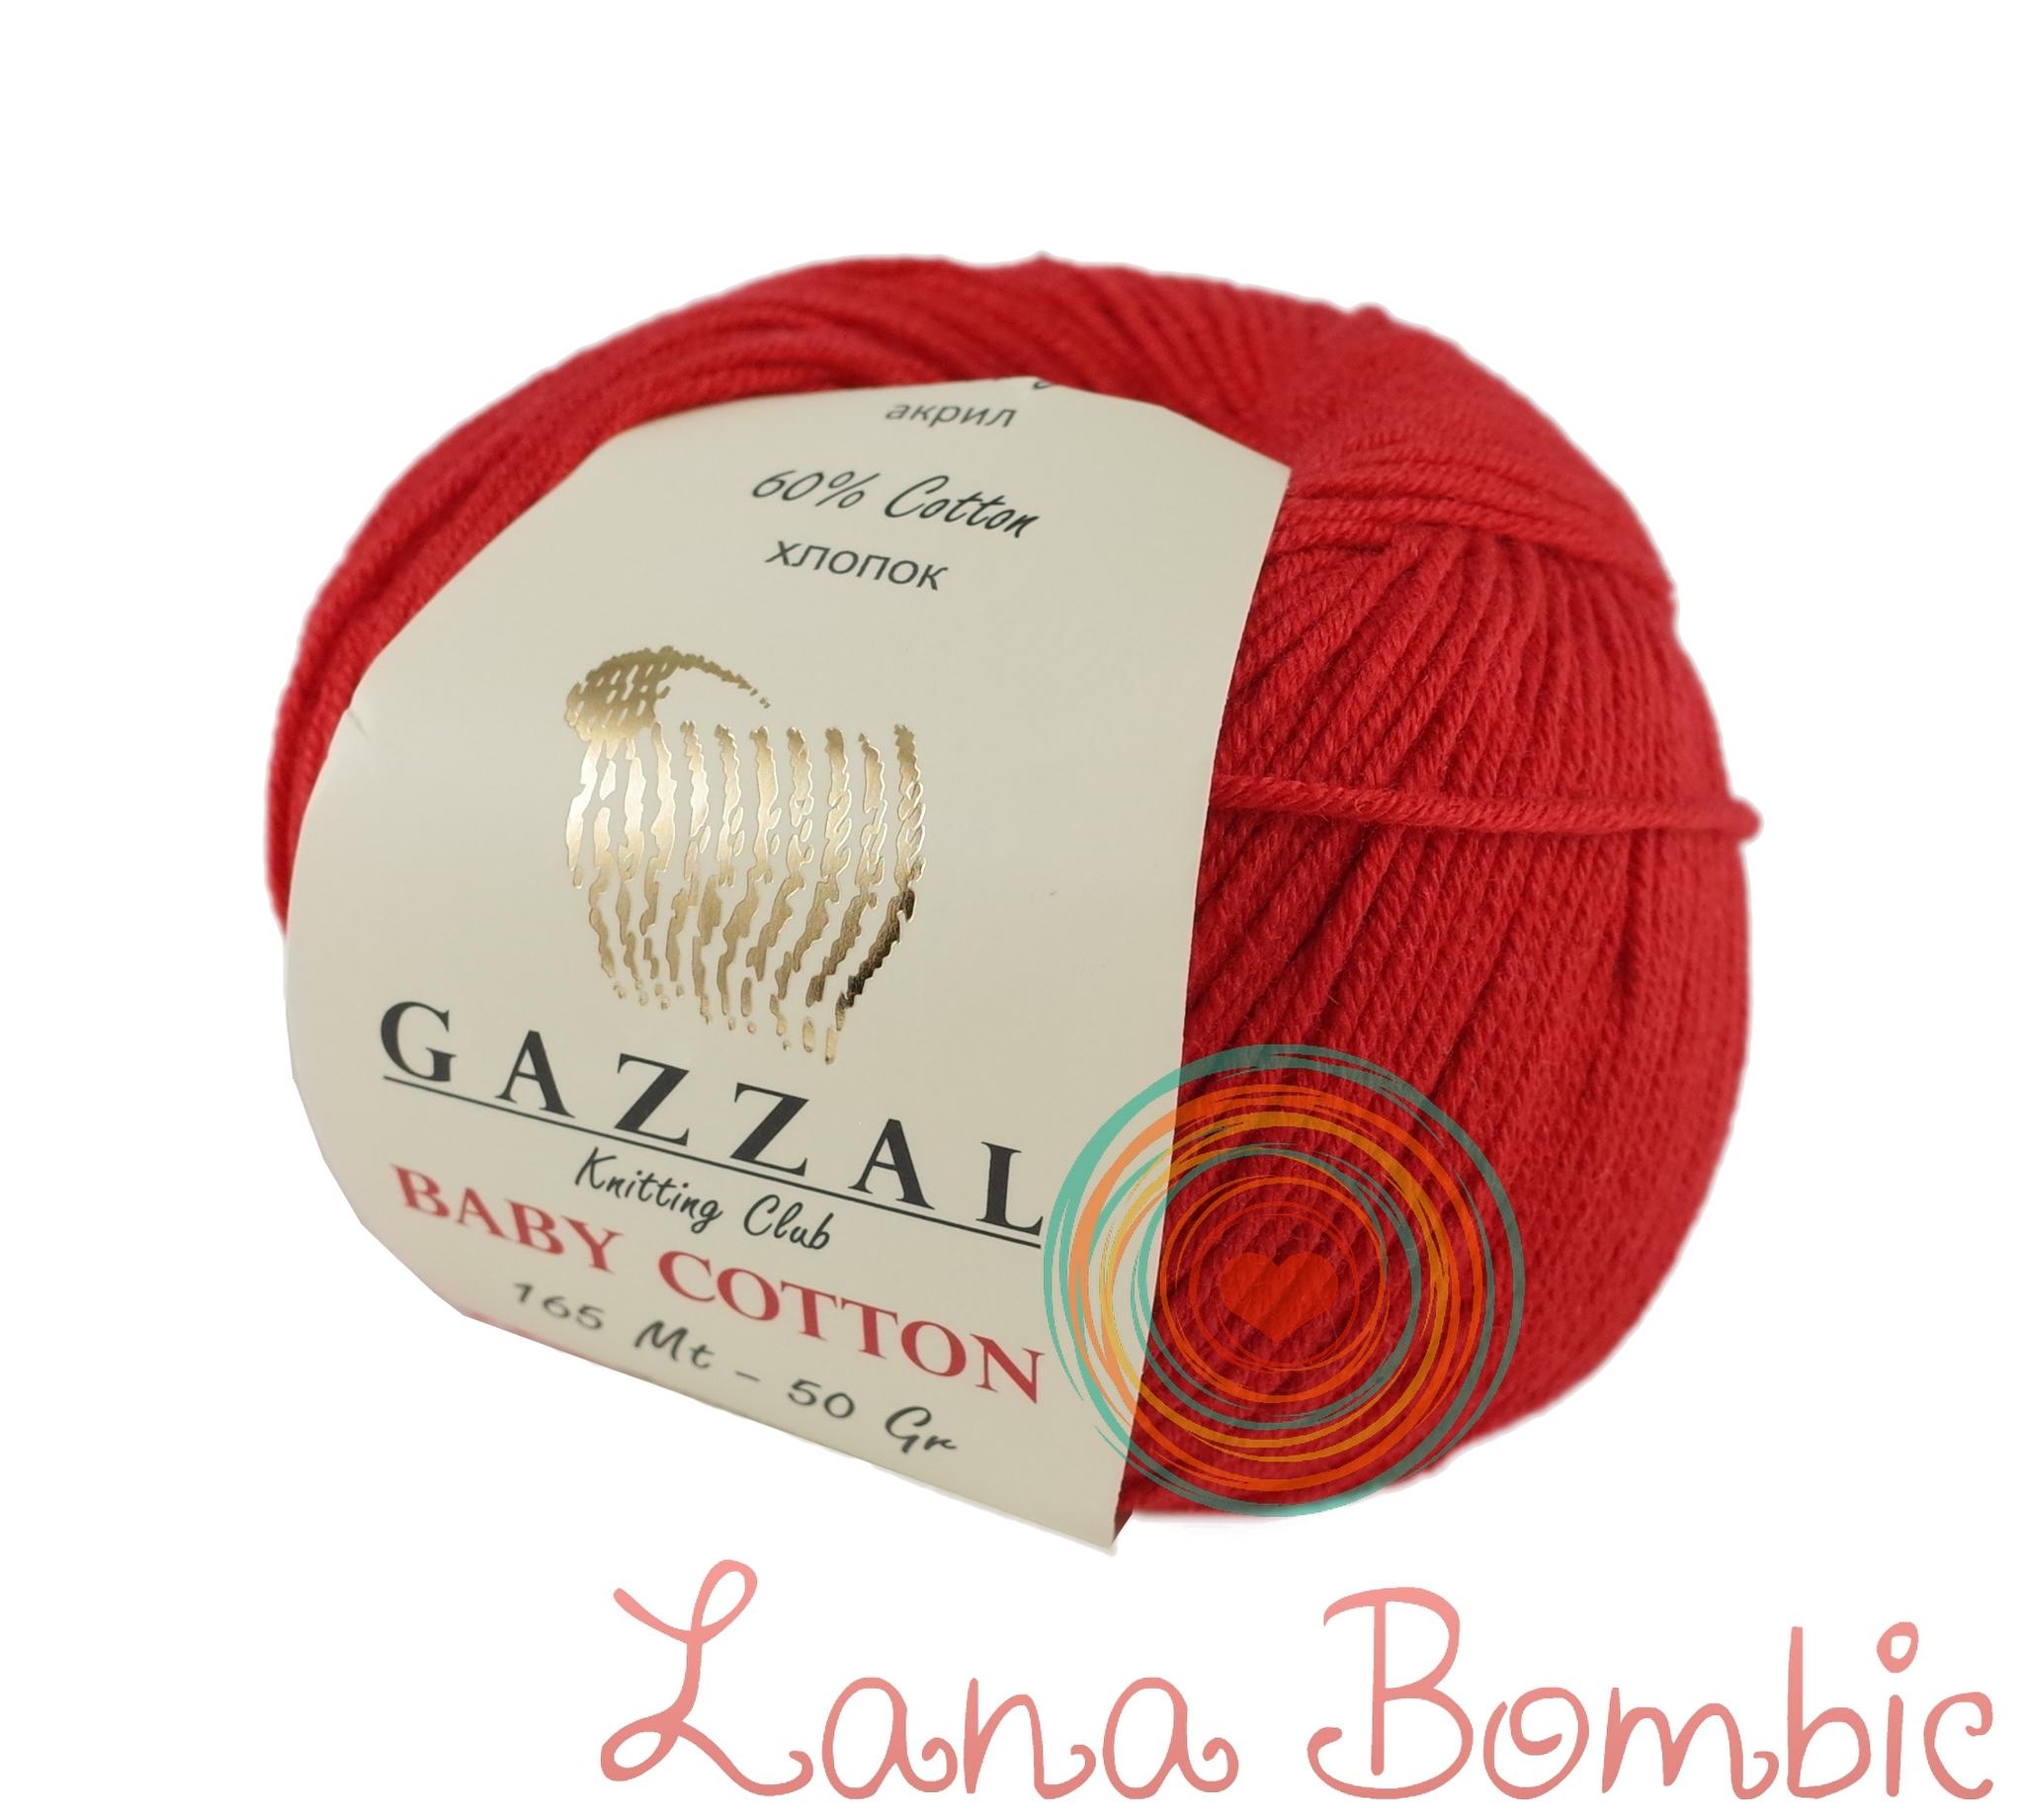 Пряжа Gazzal Baby Cotton 3443 красный мак